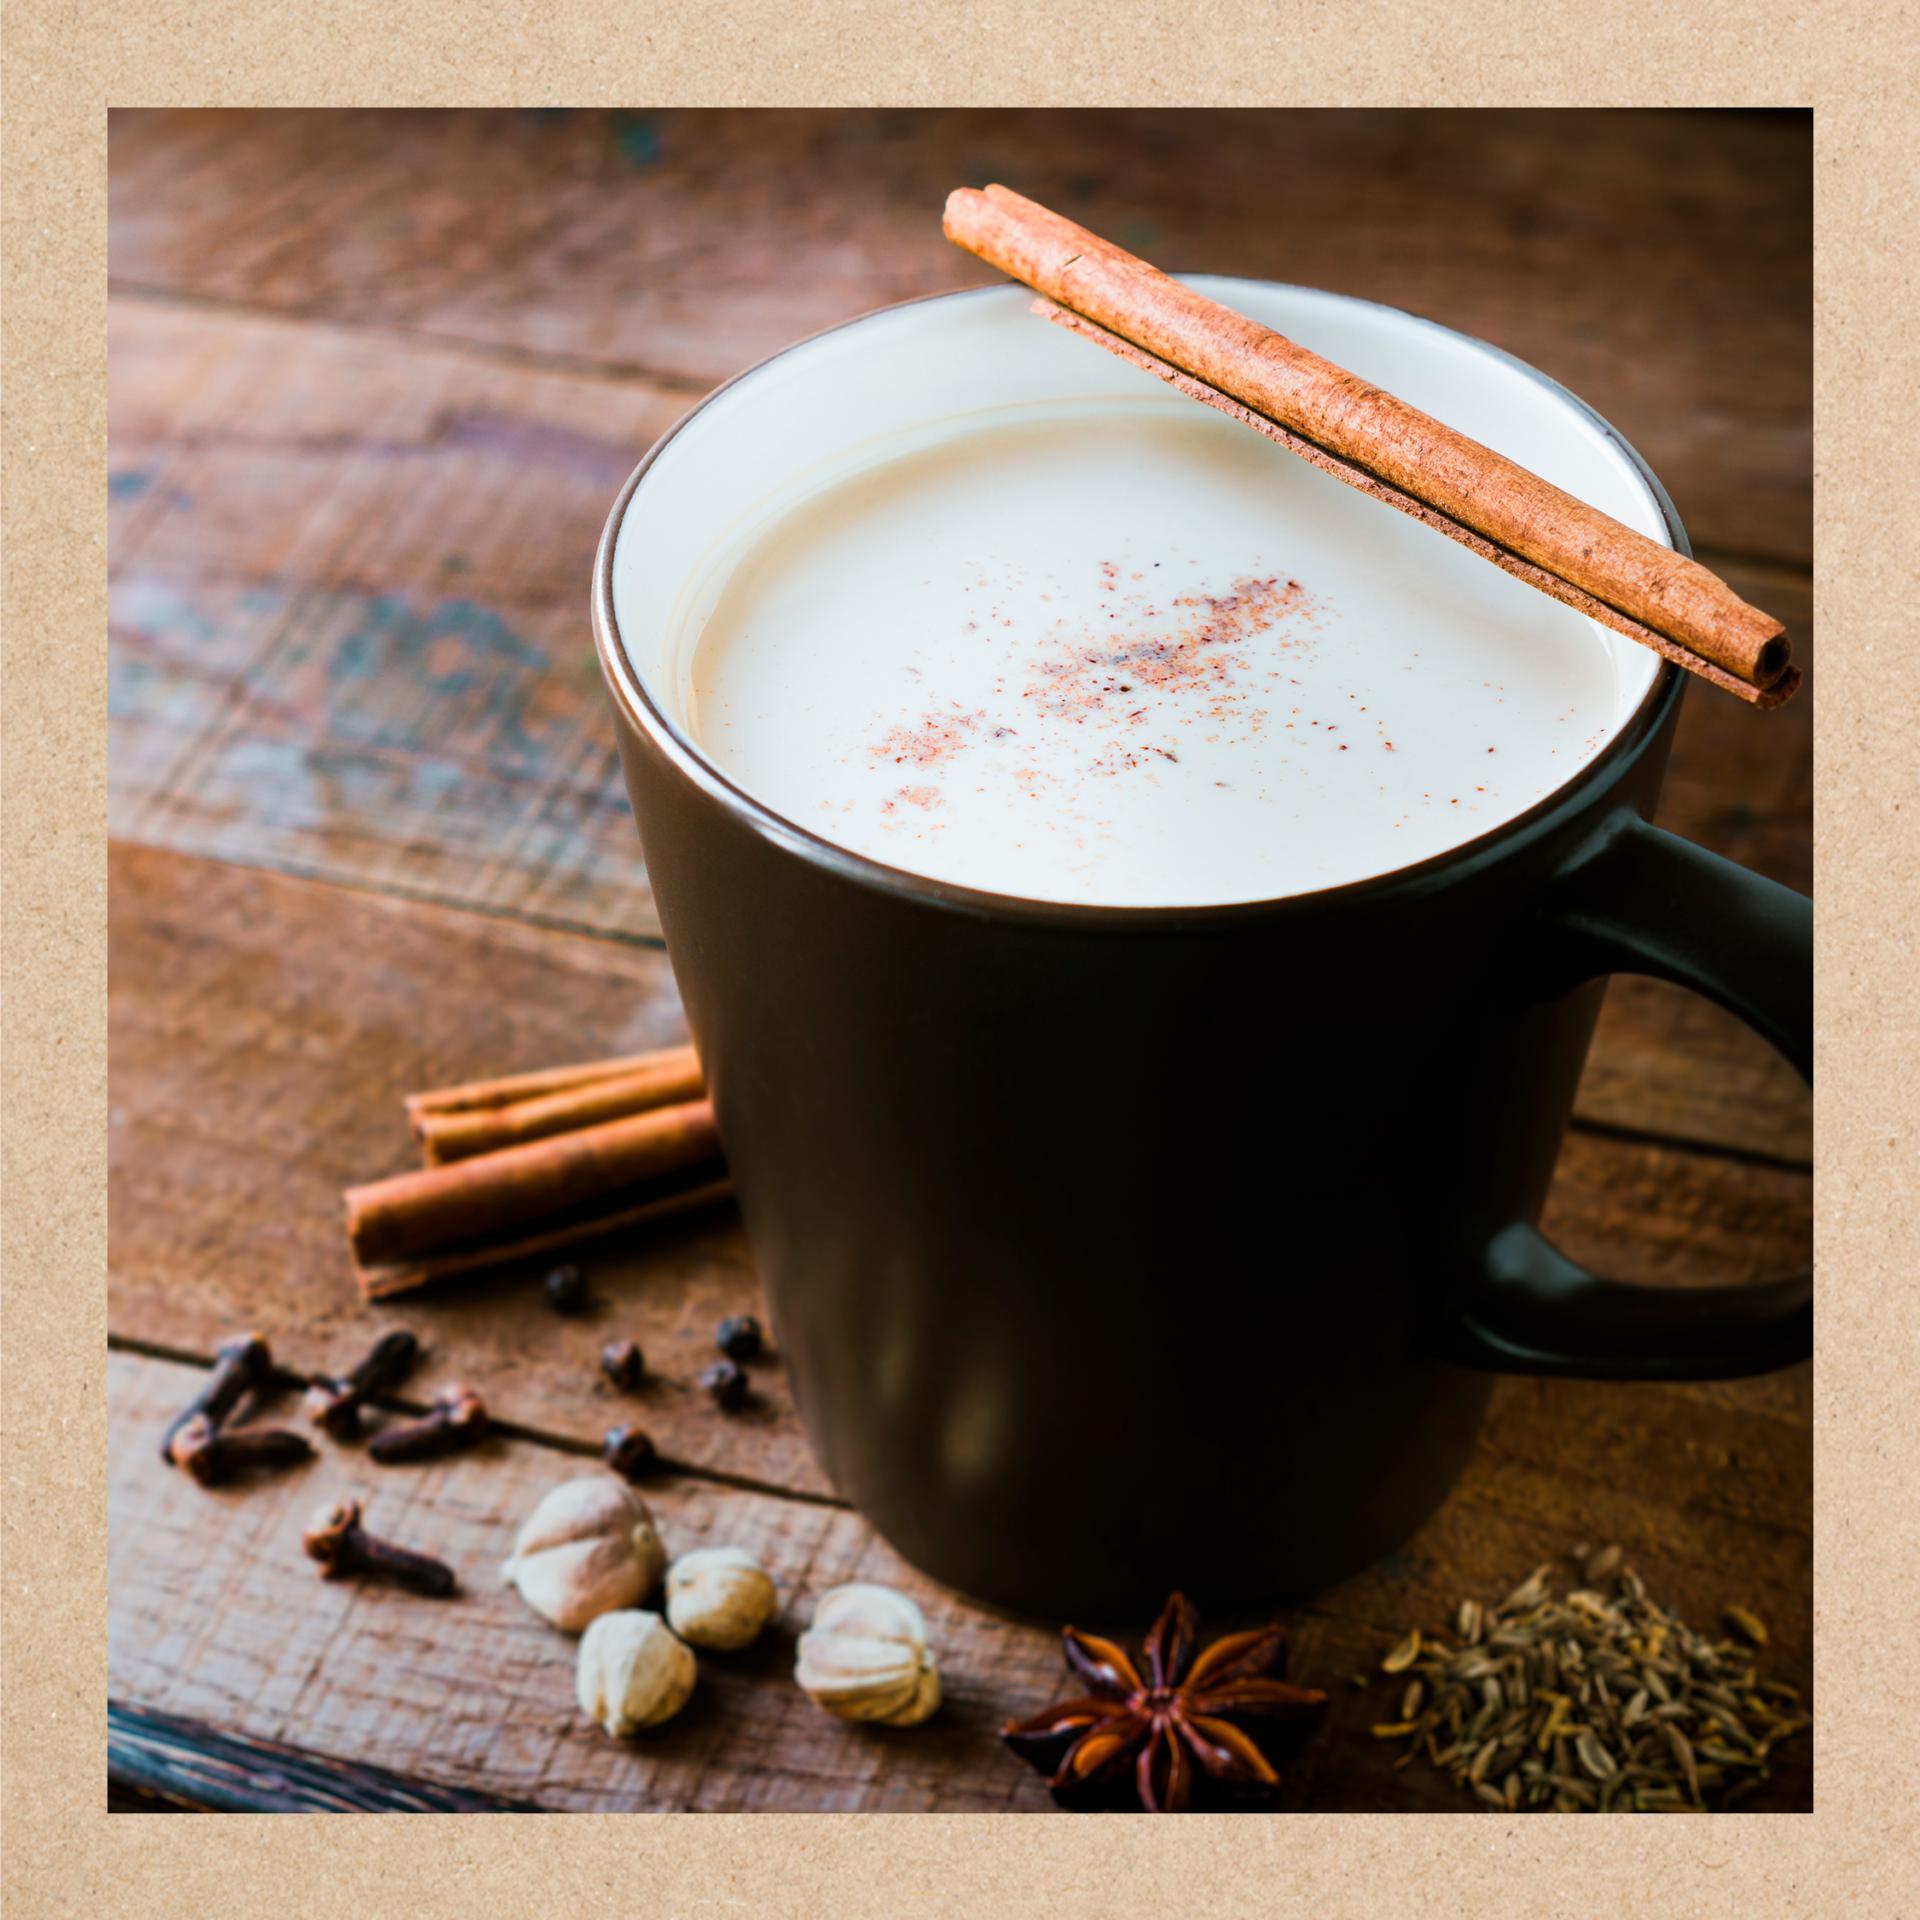 Imagen de un vaso de leche merengada